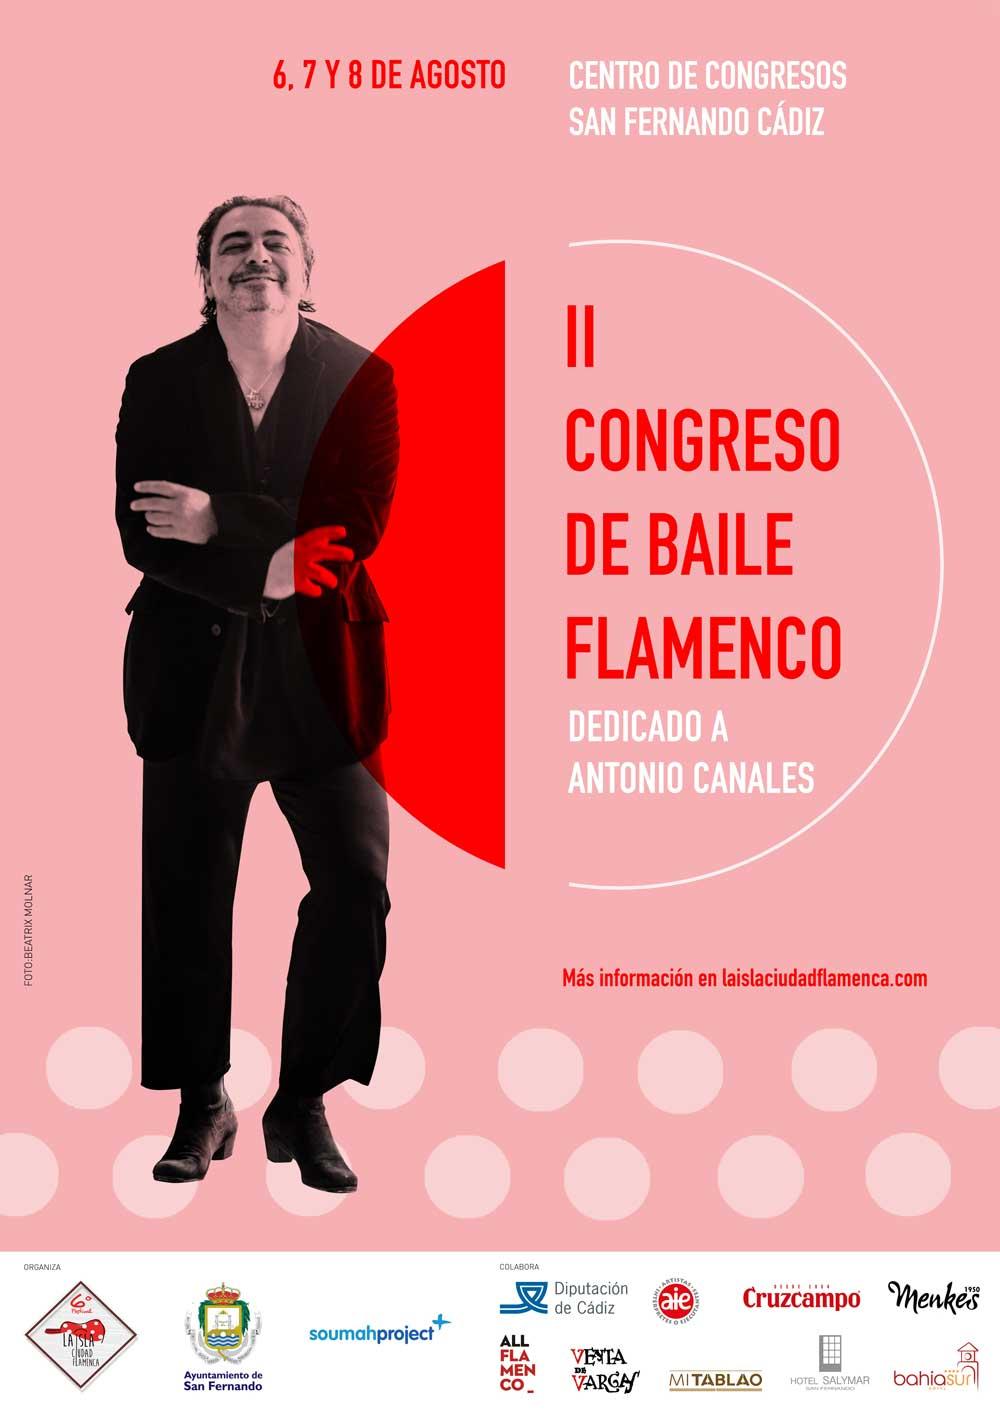 Congreso del Baile Flamenco. Homenaje a Antonio Canales